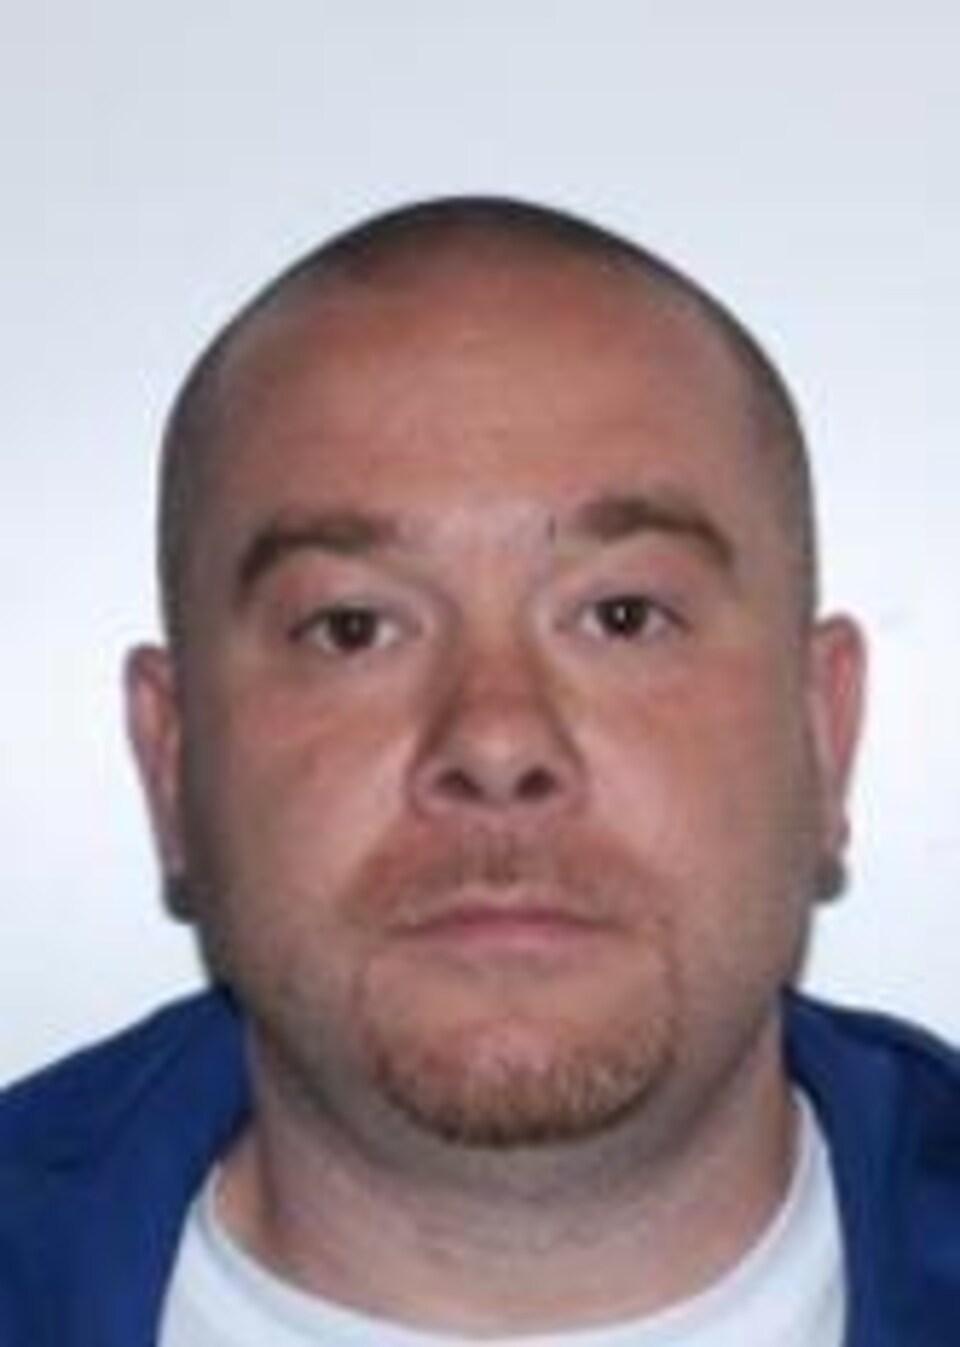 Frederick Silva est un homme blanc de 38 ans, qui a les cheveux rasés et porte une  petite barbe et une moustache rousses. Il mesure 1,75 mètre (5 pieds, 9 pouces) et pèse 88 kilogrammes (194 livres). Il a plusieurs tatouages sur le corps.